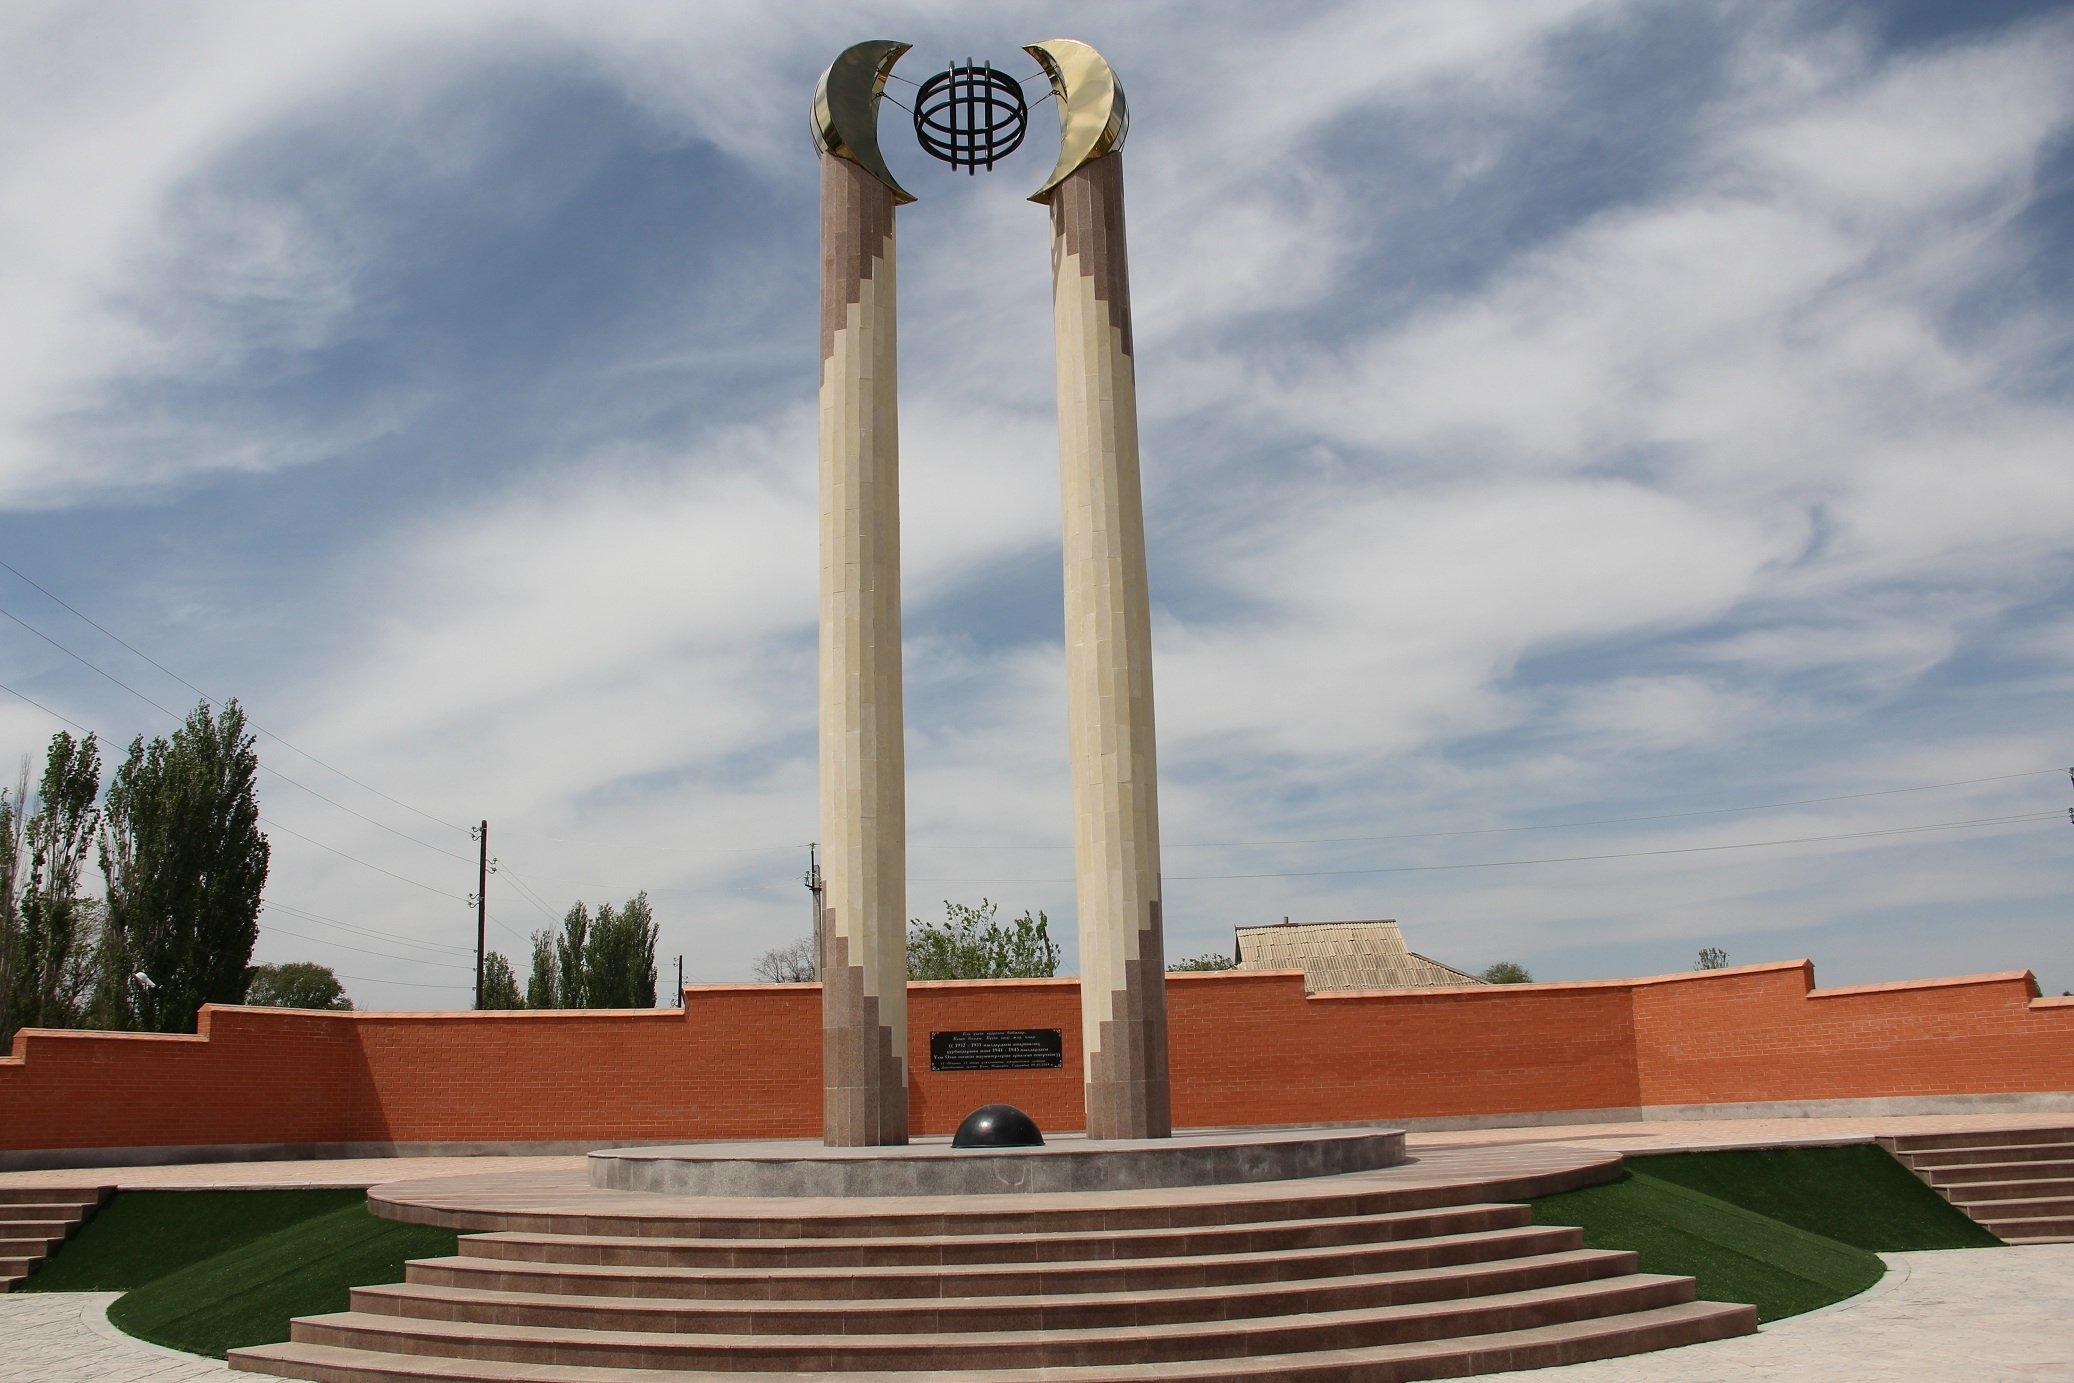 с. Жарлысу Рыскуловского р-на. Монумент воинам, погибшим во время Великой Отечественной войны, был открыт в 2015 году. Архитектор - Бахыт Сегизбаев.